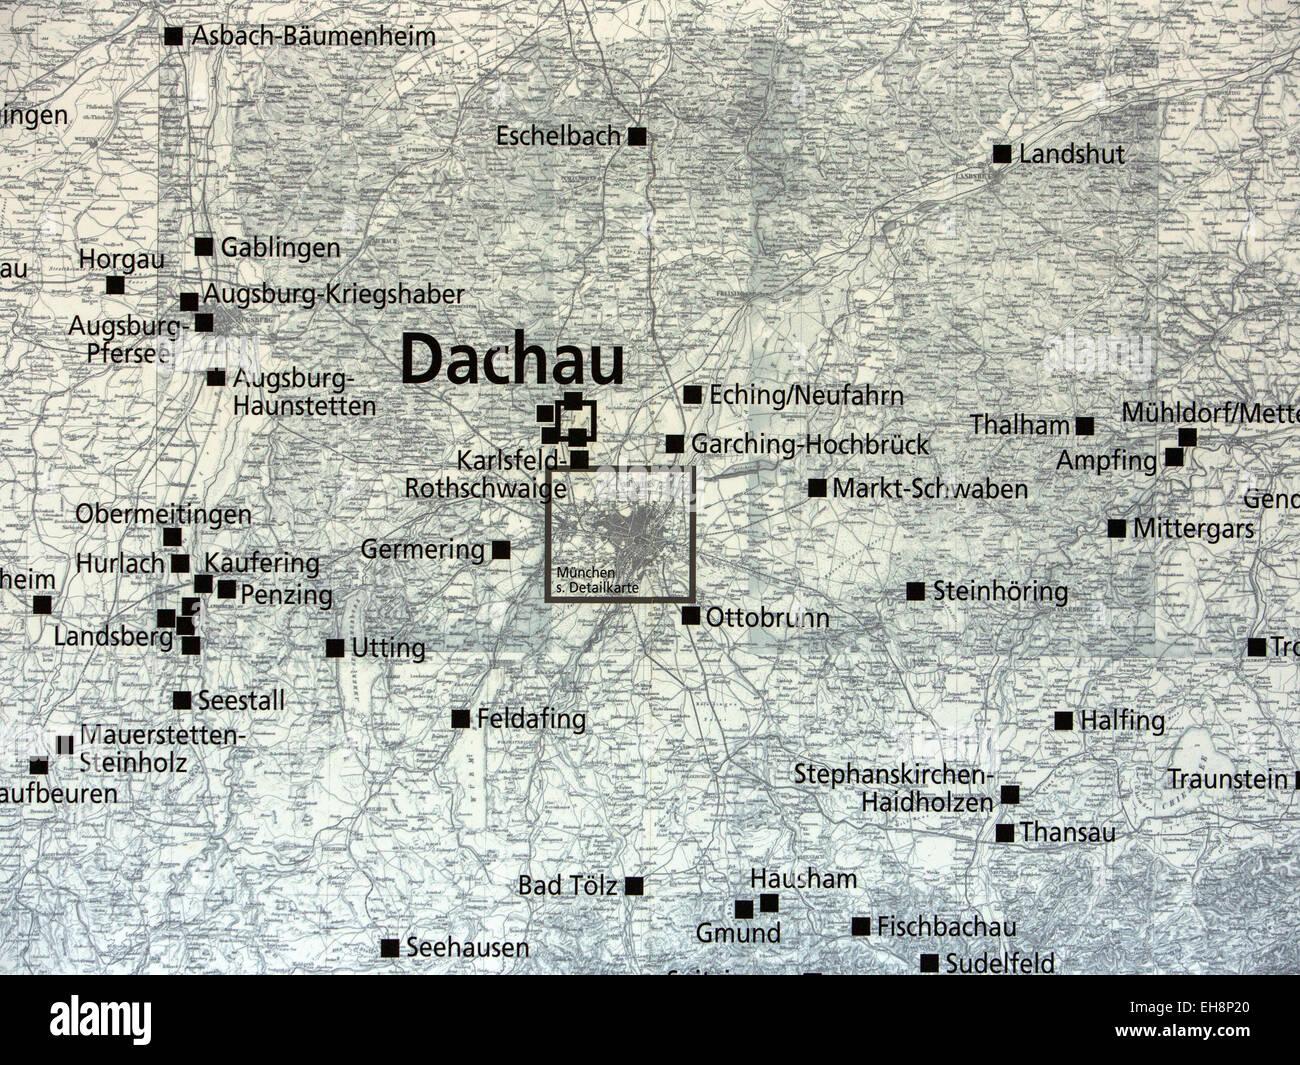 Munich Germany Map Of Dachau Concentration Camp Stock Photo - Germany map of concentration camps